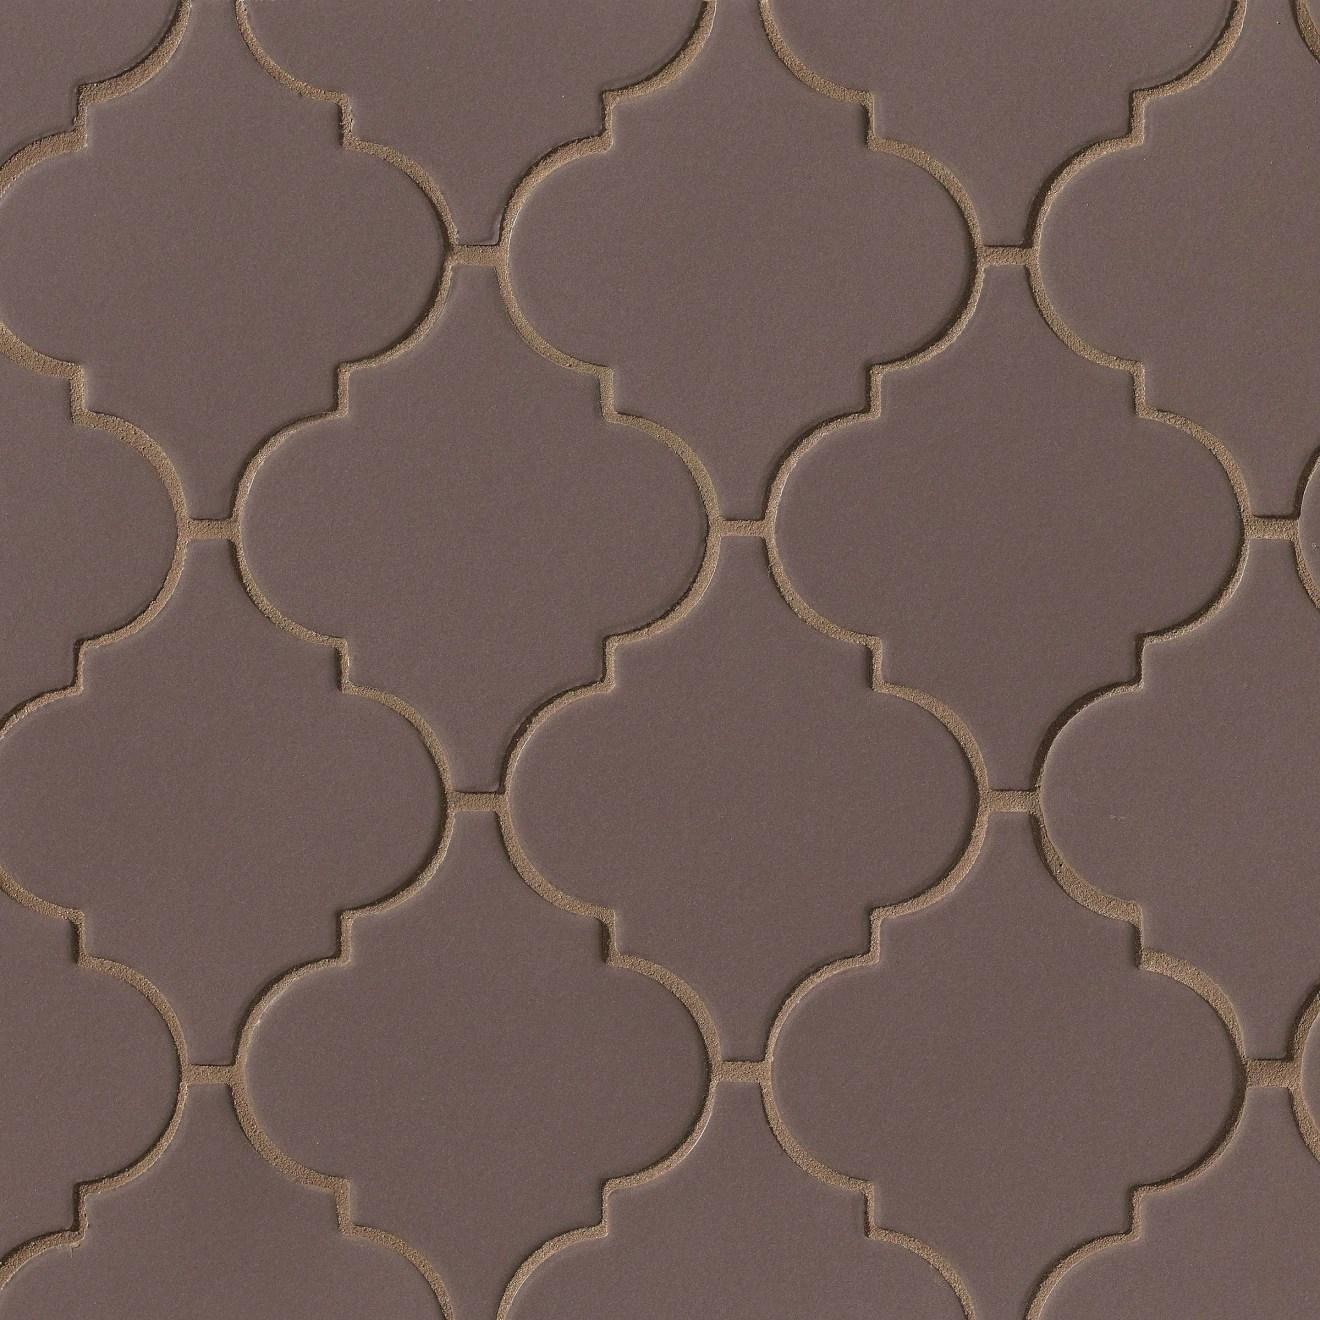 costa allegra matte ceramic arabesco mosaic tile in timber bedrosians tile stone